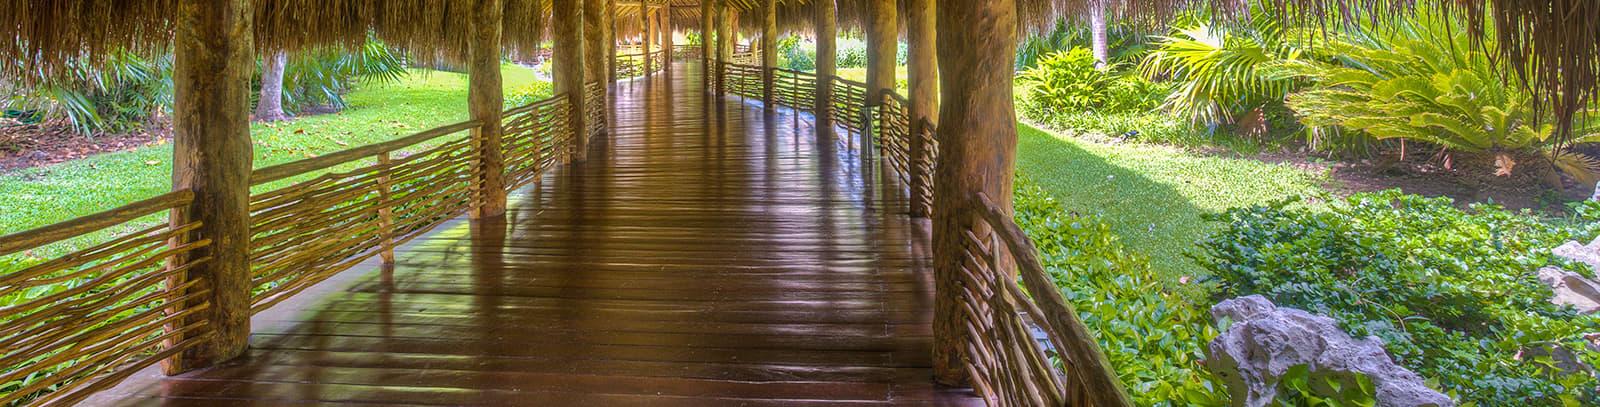 Grand Velas Riviera Maya - Entorno Ecológico